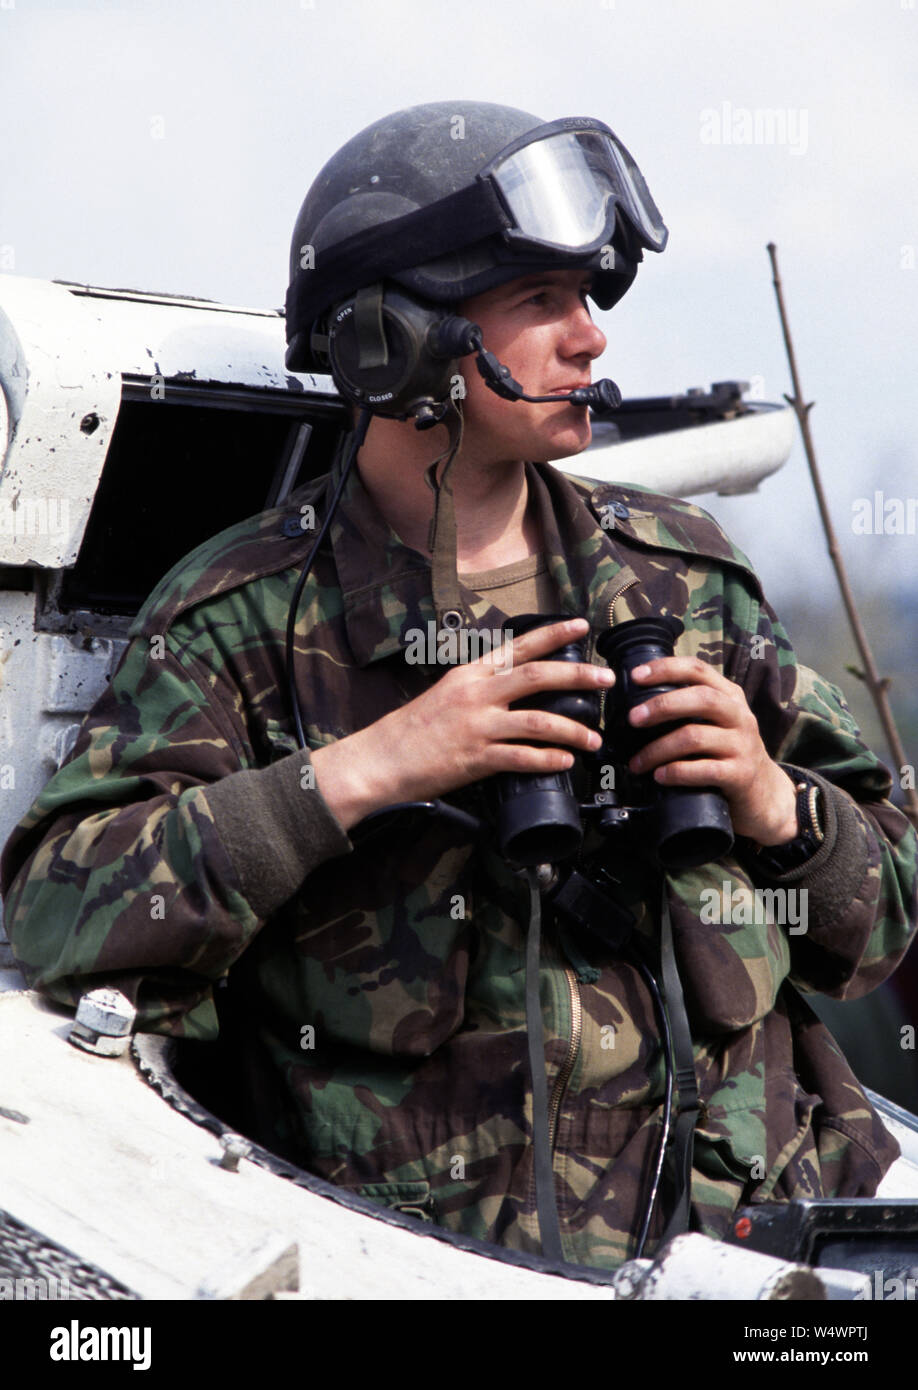 25. April 1993 während des Krieges in Bosnien: Im Zentrum von Stari Vitez, ein britischer Soldat der Cheshire Regiment wacht aus der Luke eines FV103 Alvis Spartan APC. Er ist etwa 200 Meter von der HVO (bosnisch-kroatischen) Linie, die Straße hinunter. Stockfoto